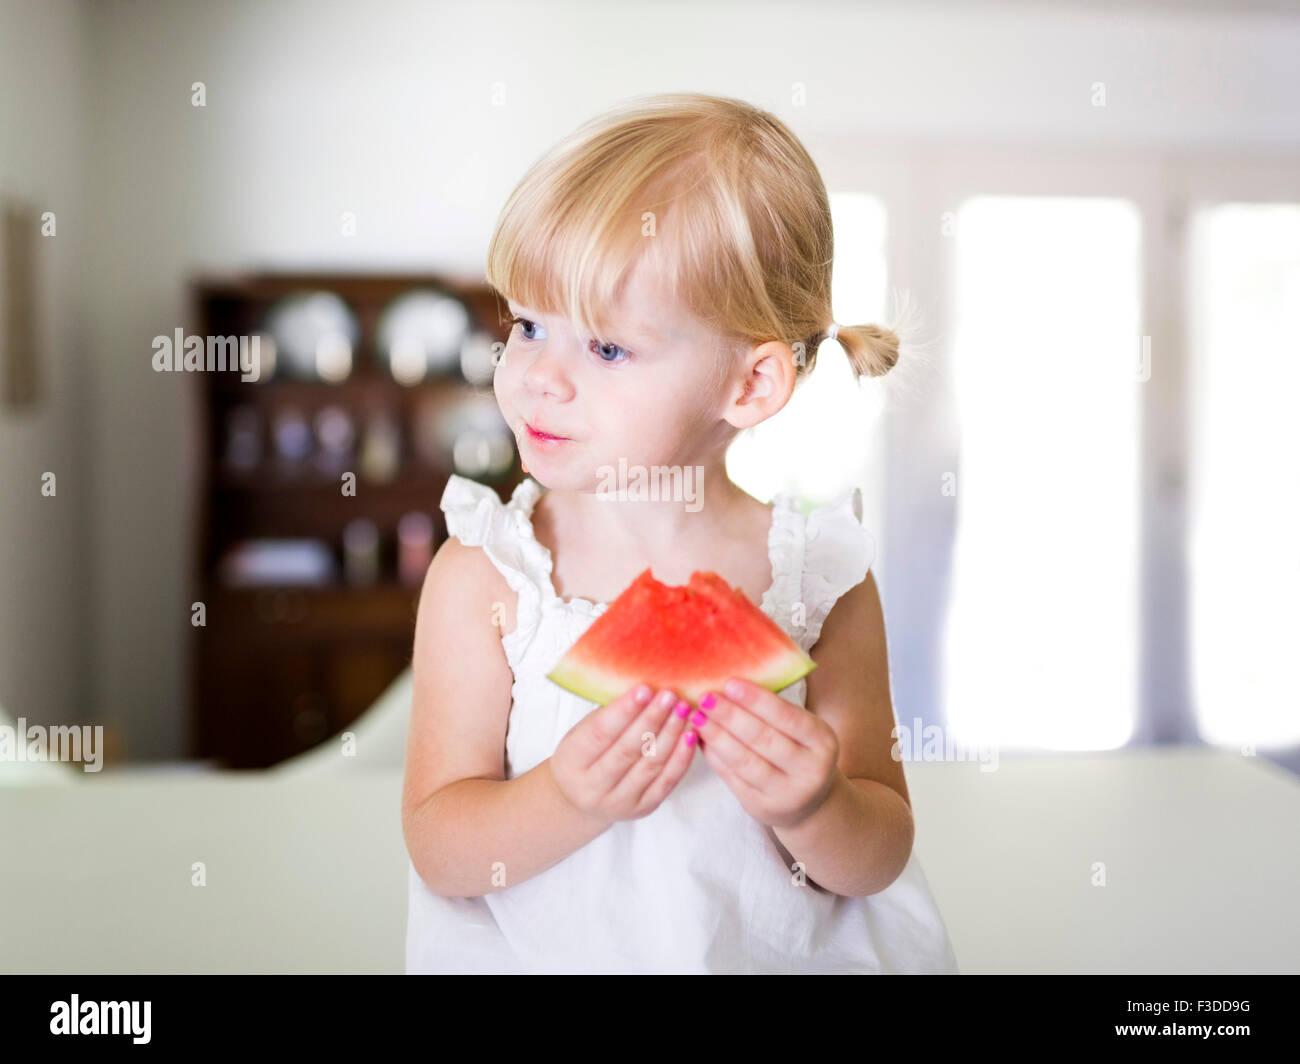 Porträt von Mädchen (2-3) Essen Wassermelone Stockbild